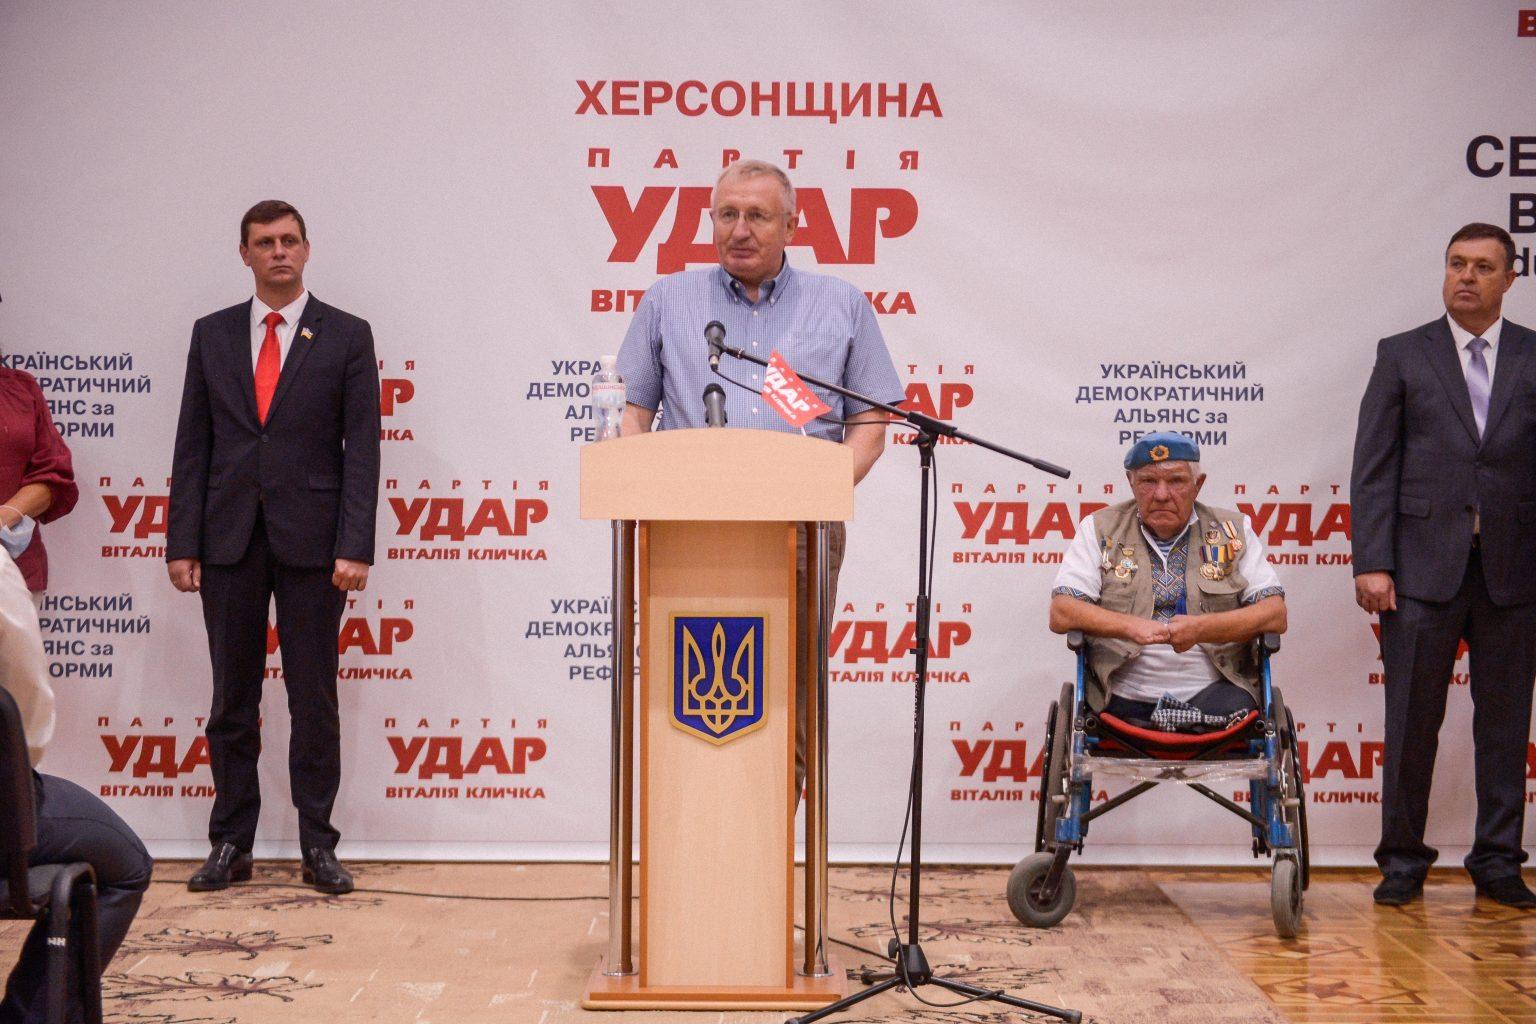 Андрій Гоголев: Перемога буде за нами!